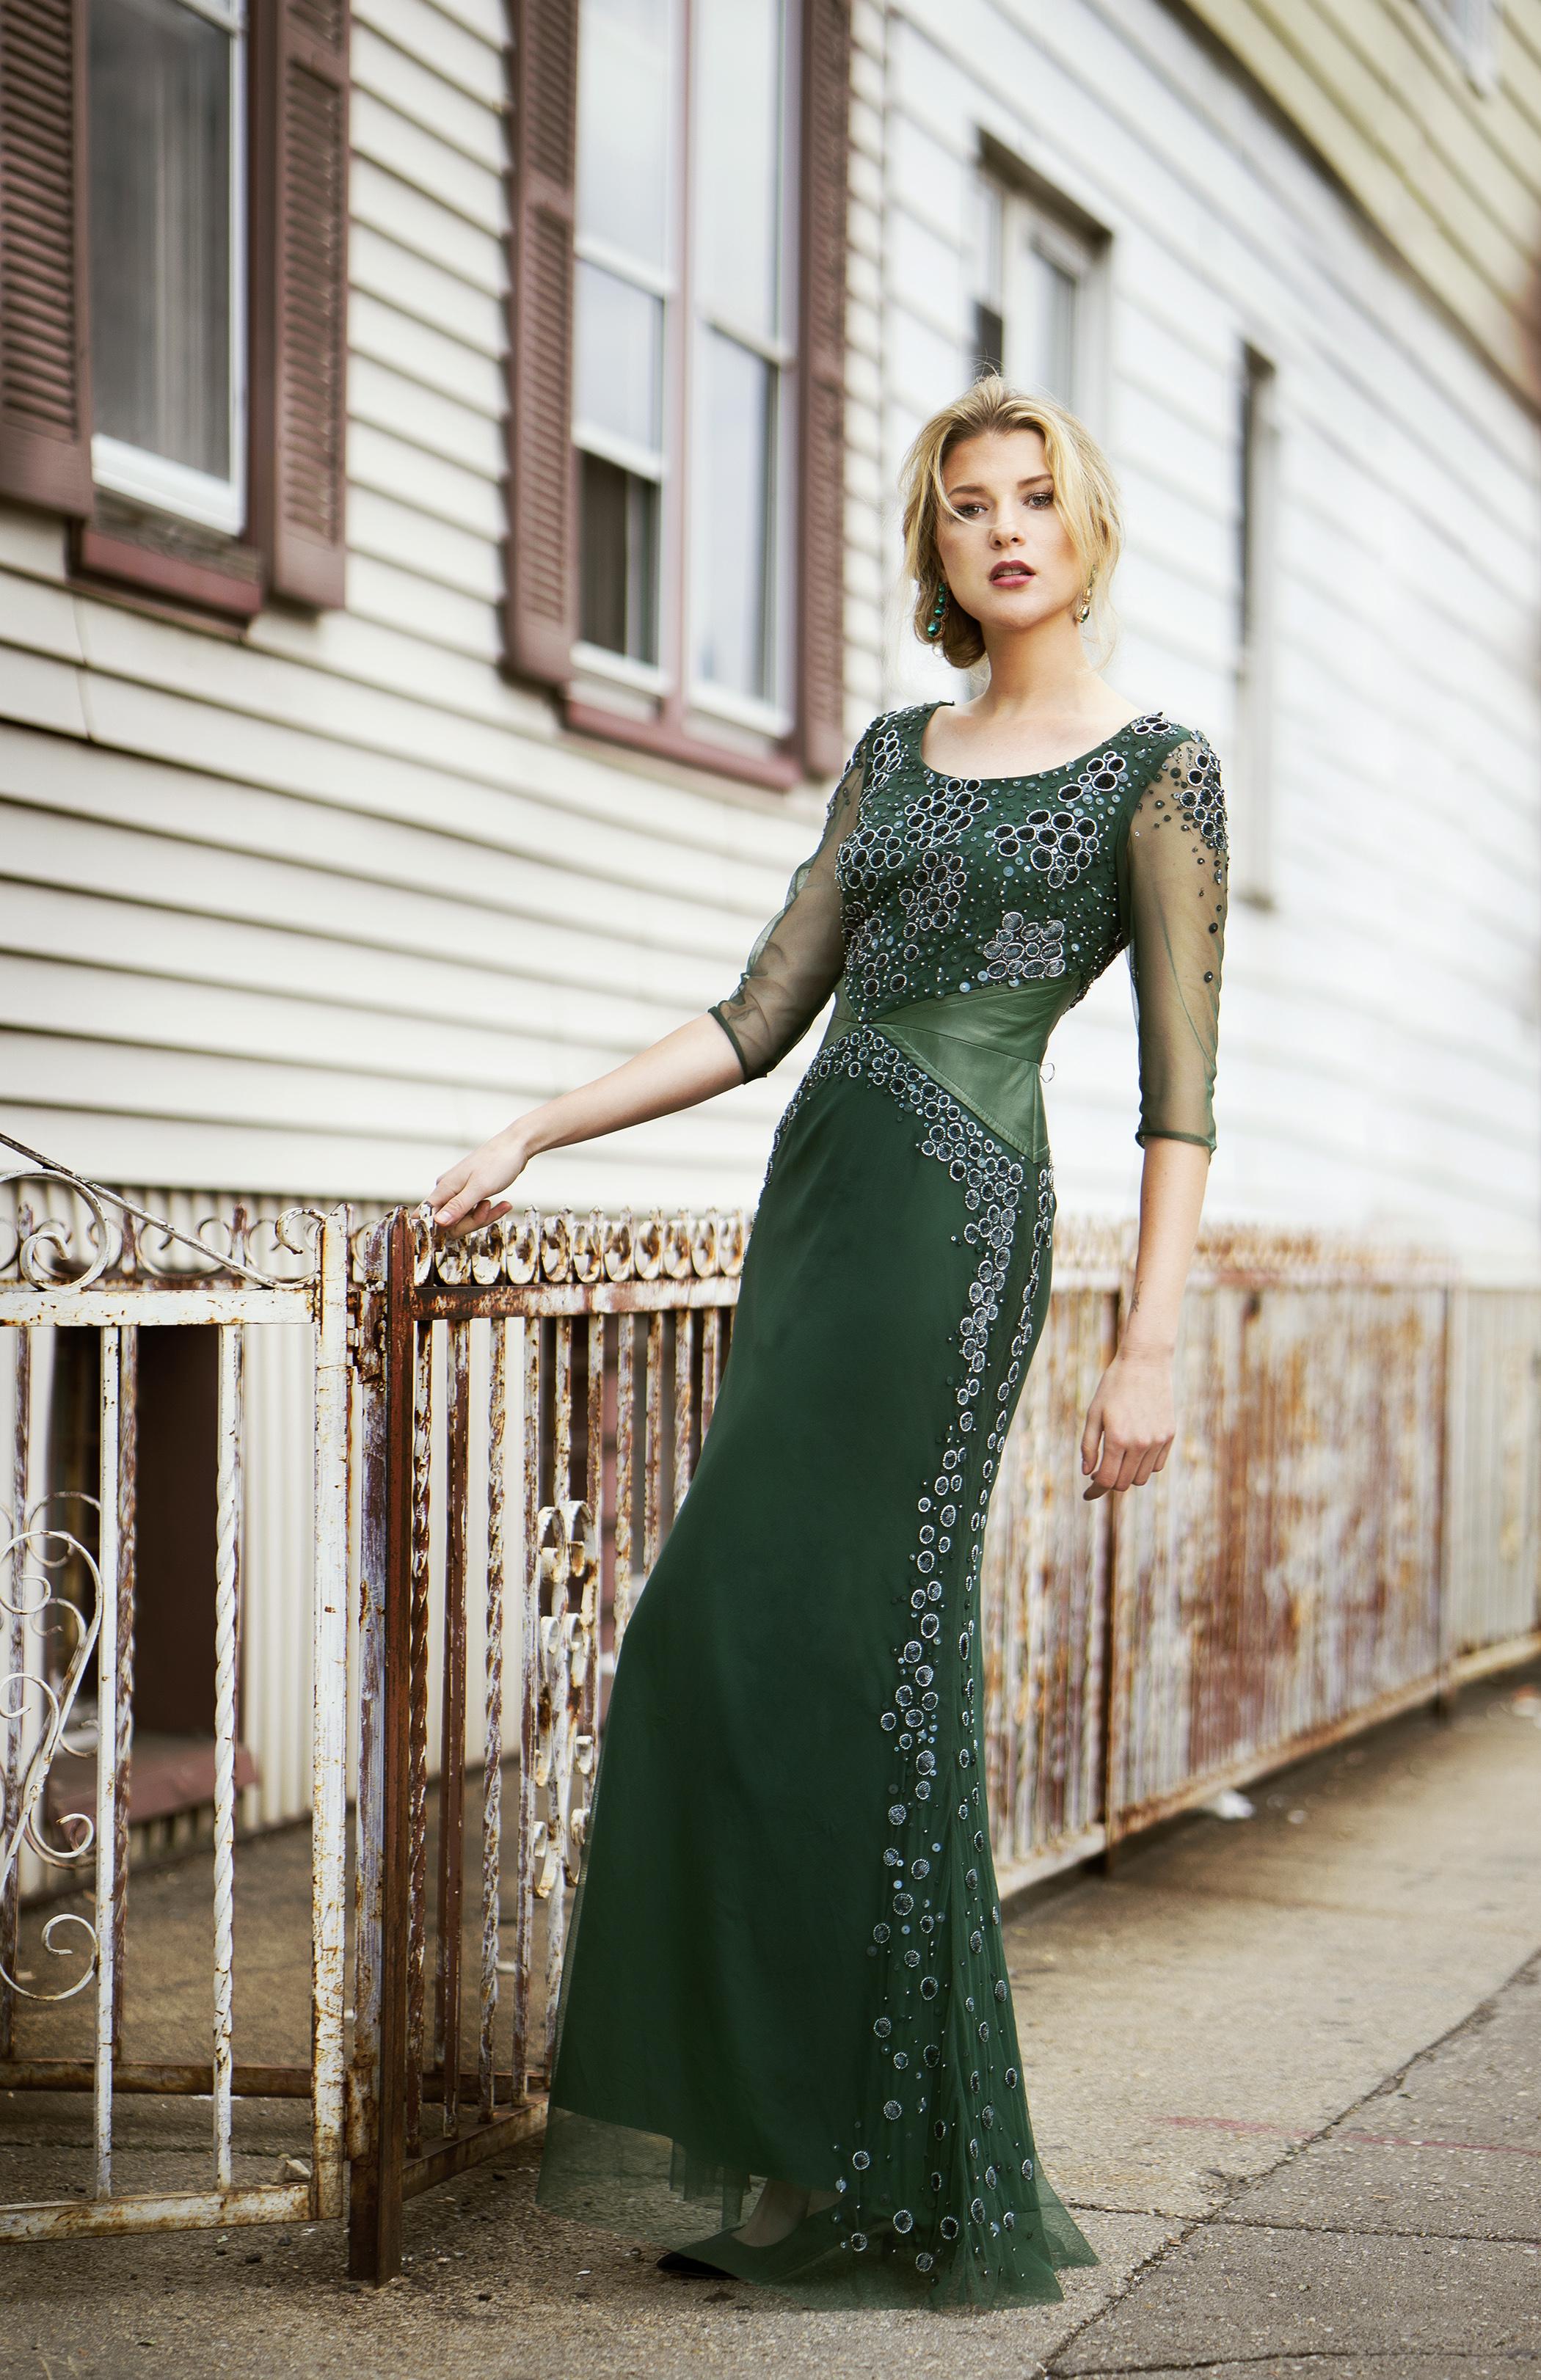 Raquels Gowns